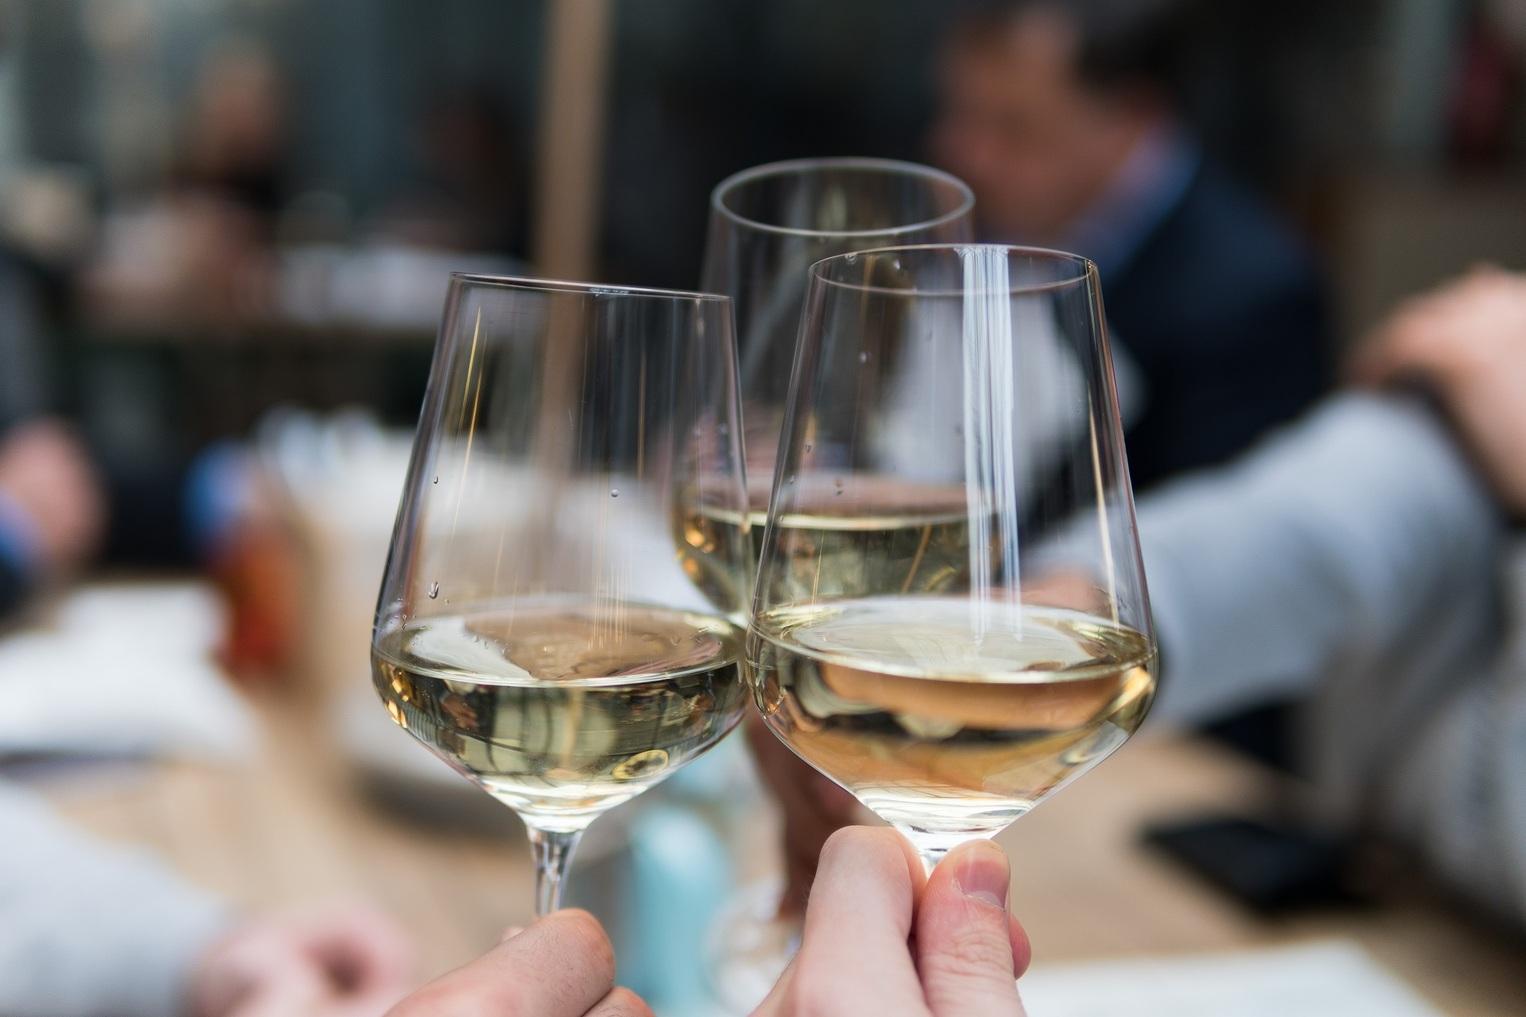 Grad i vinari suglasni: Dani vina neće se održati